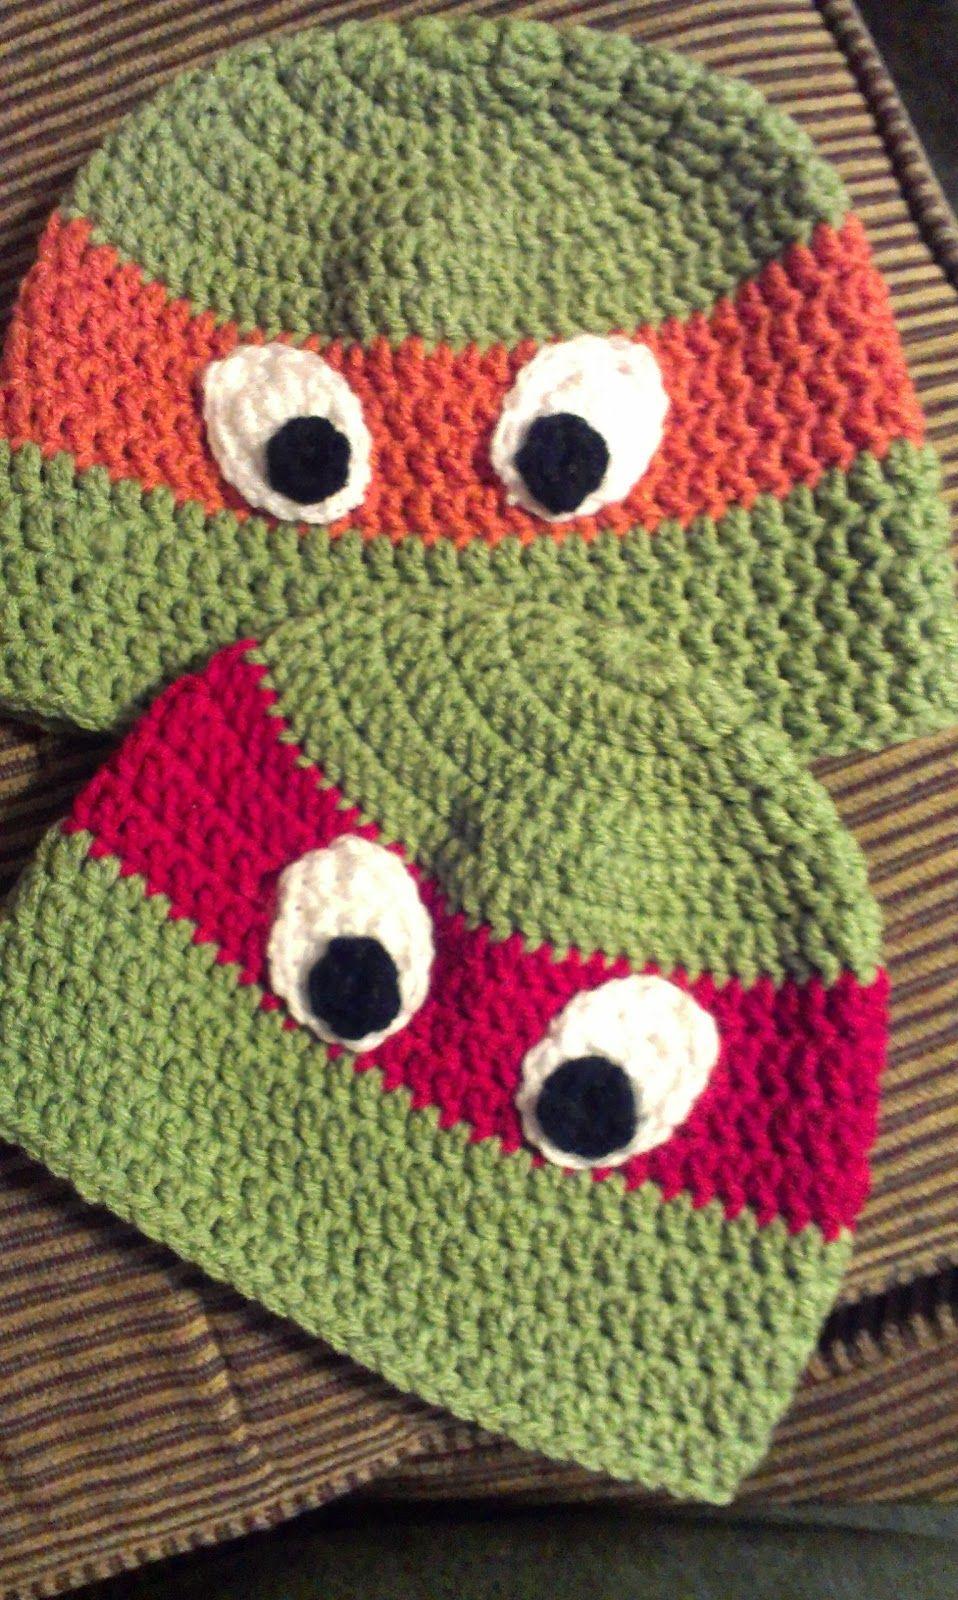 Ninja Crochet Pattern Free Tutorials and Great Ideas | Häkeln, Mütze ...